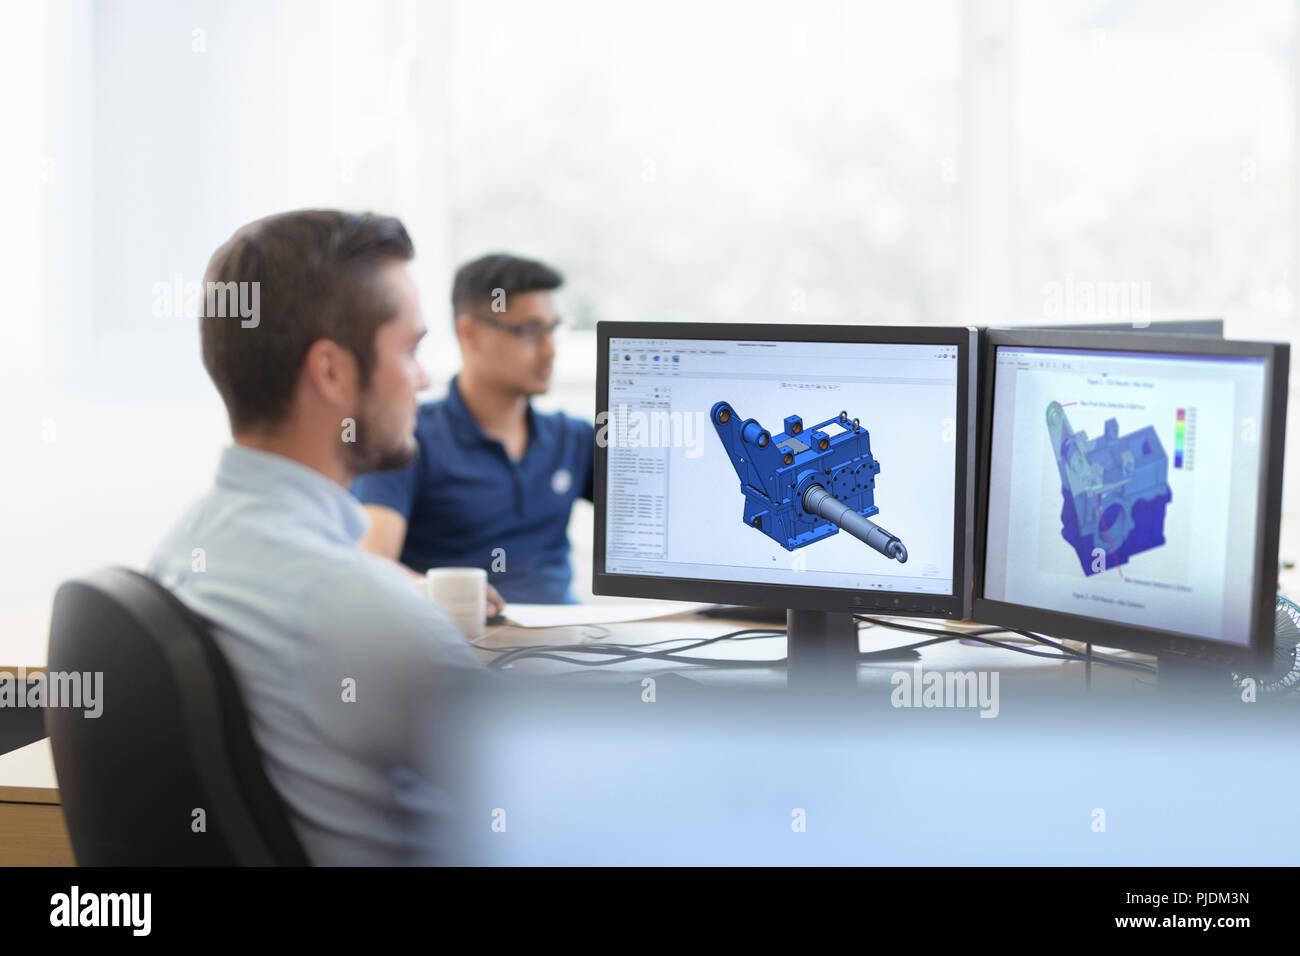 La conception de l'aide de boîtes d'ingénieurs en conception assistée par ordinateur (CAO) dans l'usine de boîte de vitesses Photo Stock